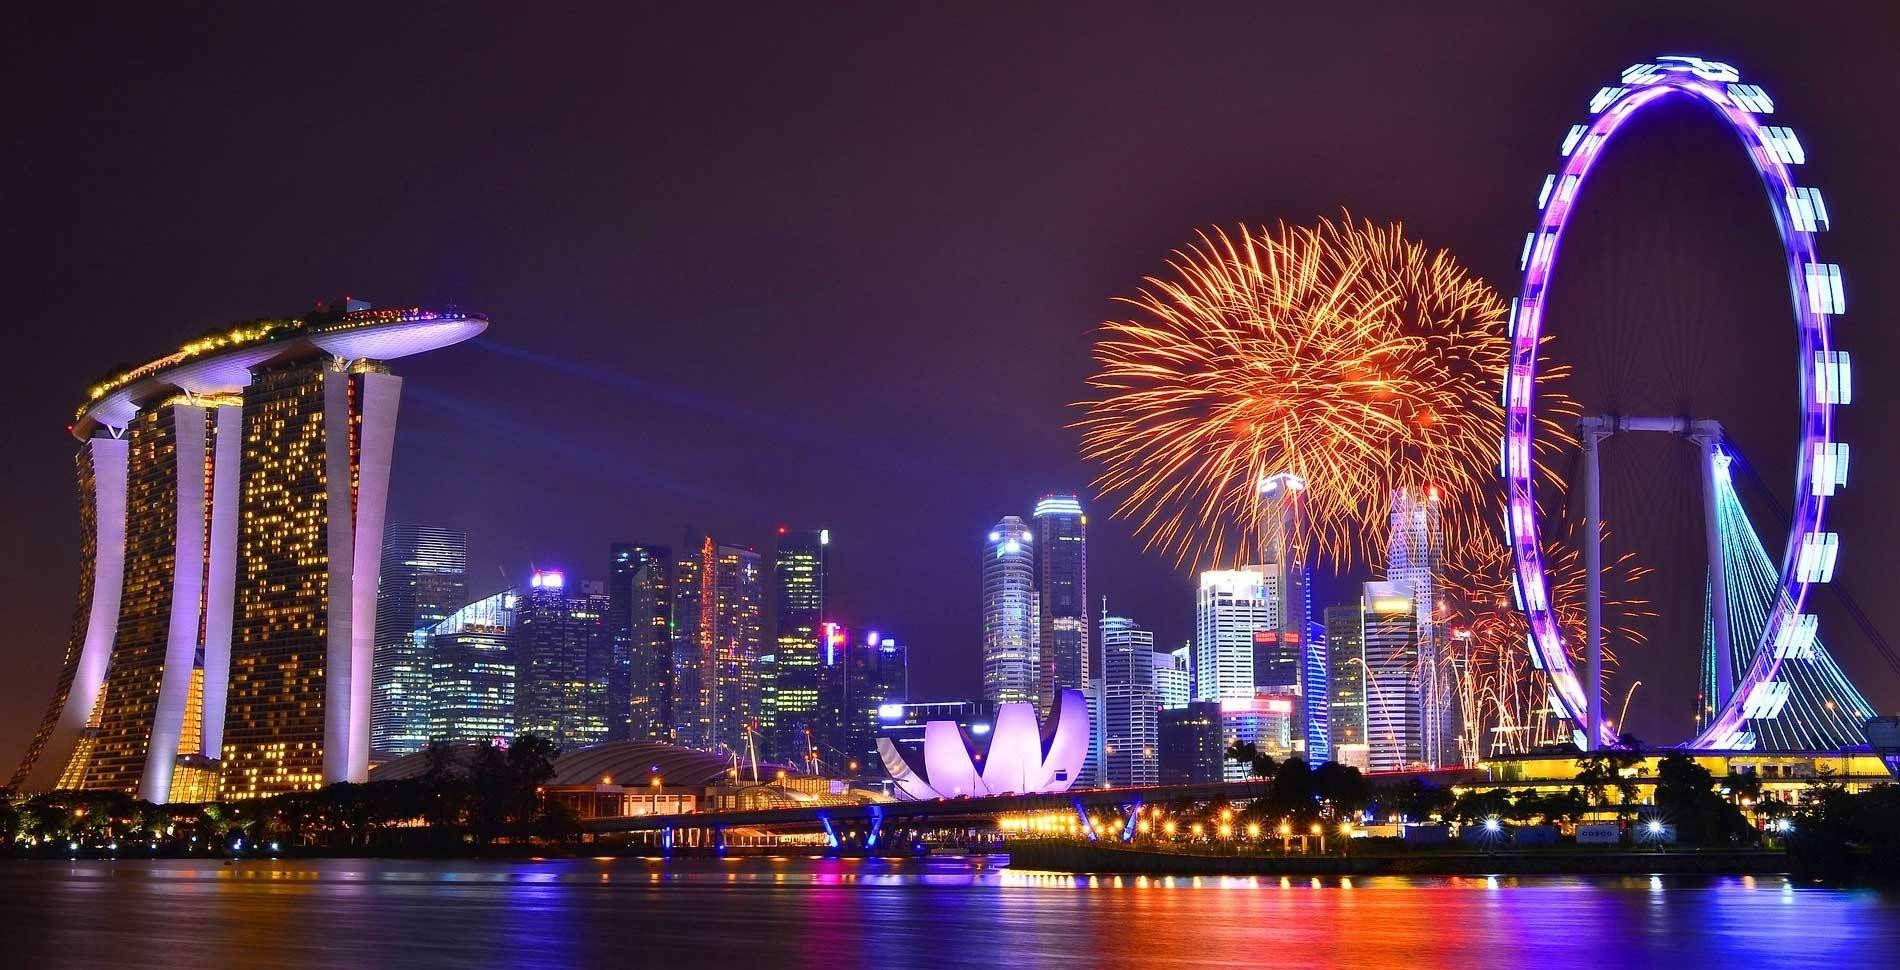 Imagenes De Las Ciudades Mas Costosas Del Mundo Singapur Malasia